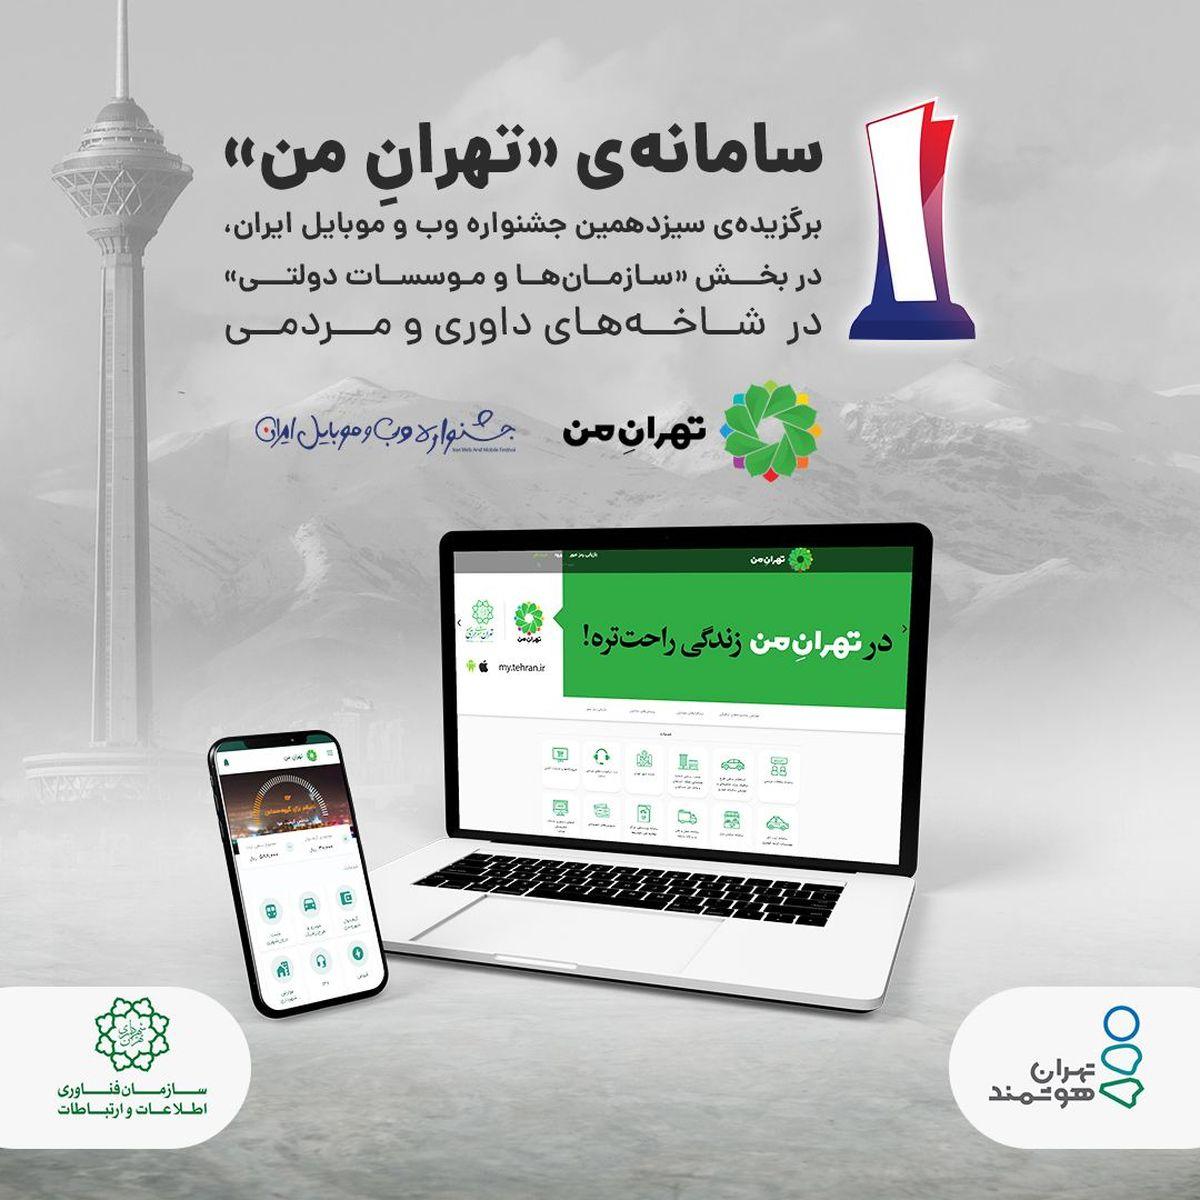 «تهرانِ من» برترین سایت بخش «سازمانها و موسسات دولتی»